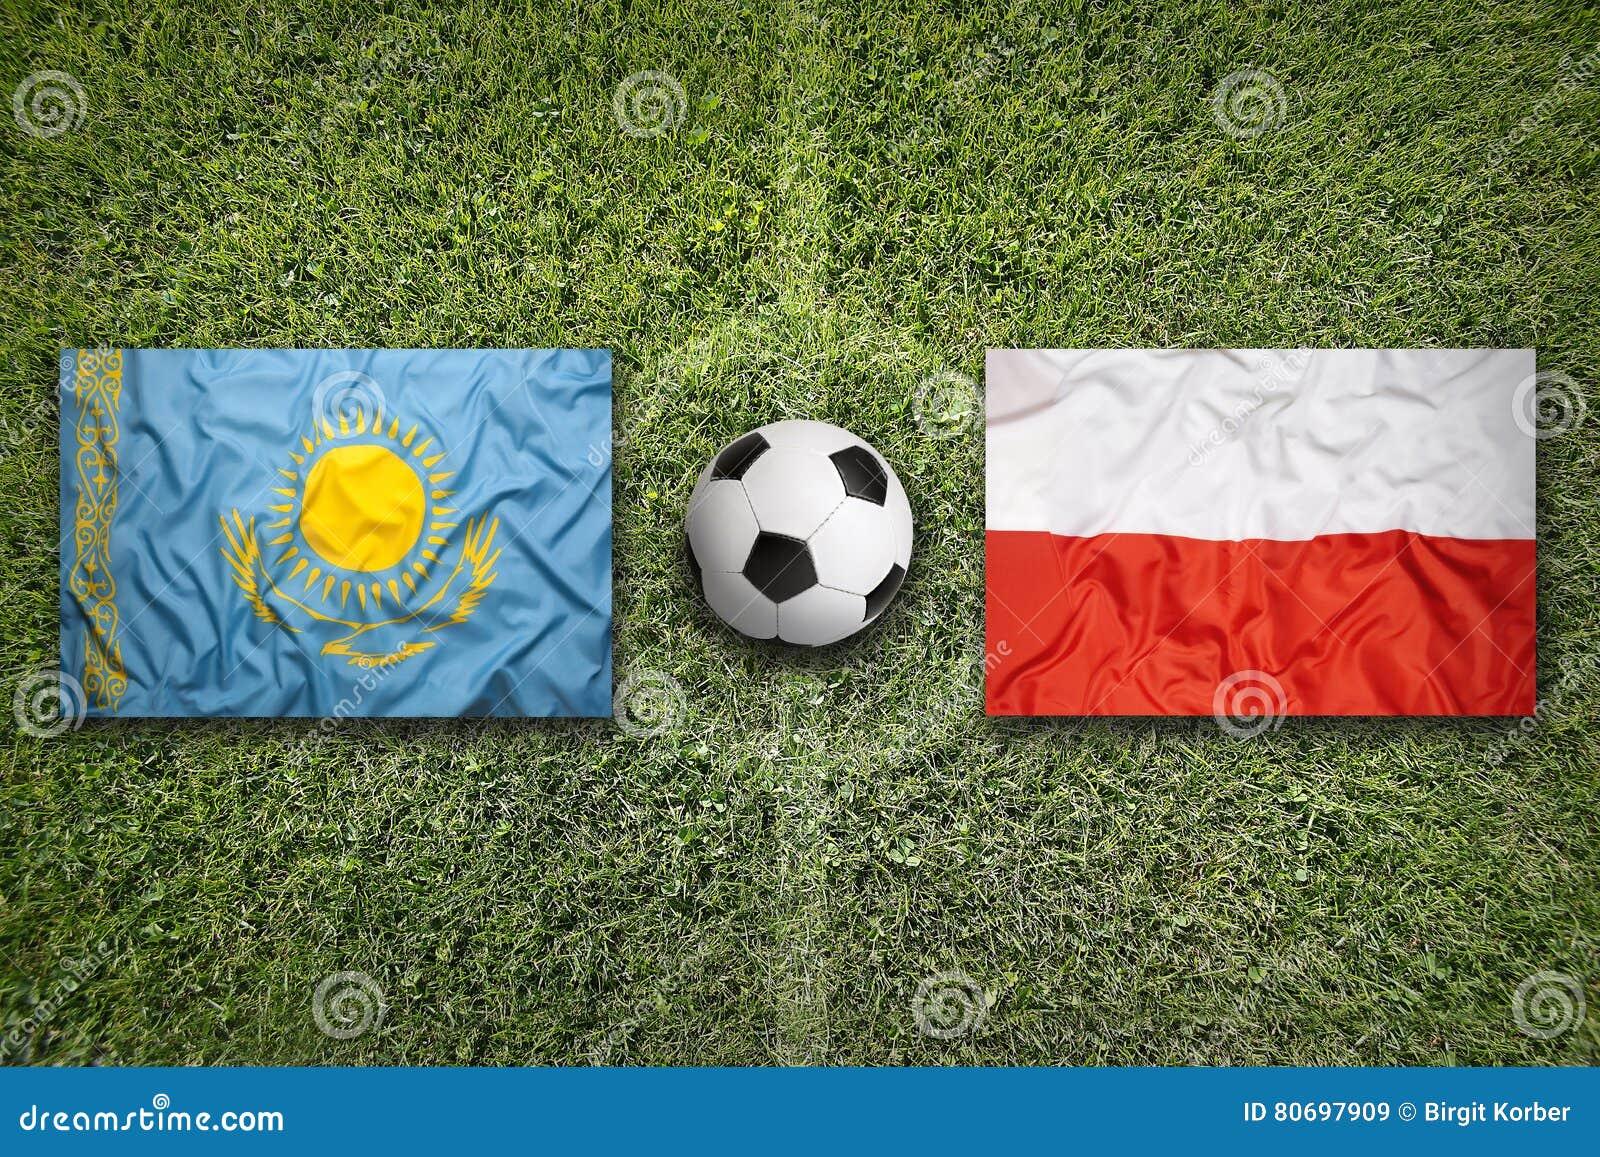 Kazachstan vs Polska flaga na boisko do piłki nożnej